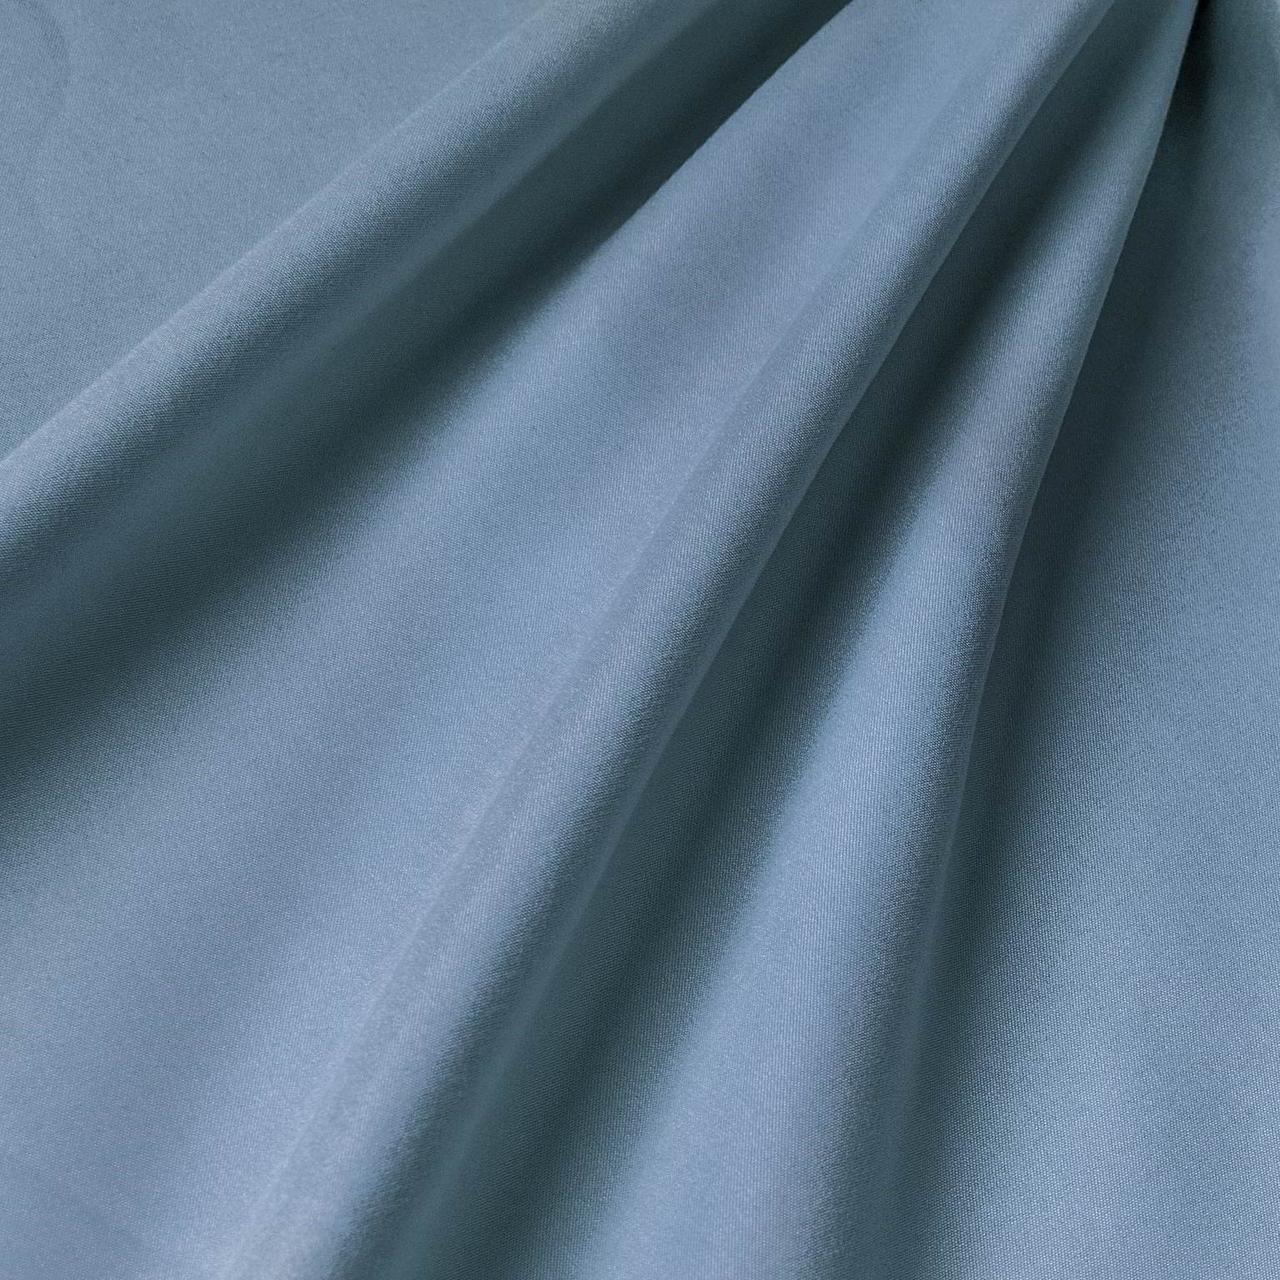 Подкладочная ткань с матовой фактурой (Испания) 83324v27